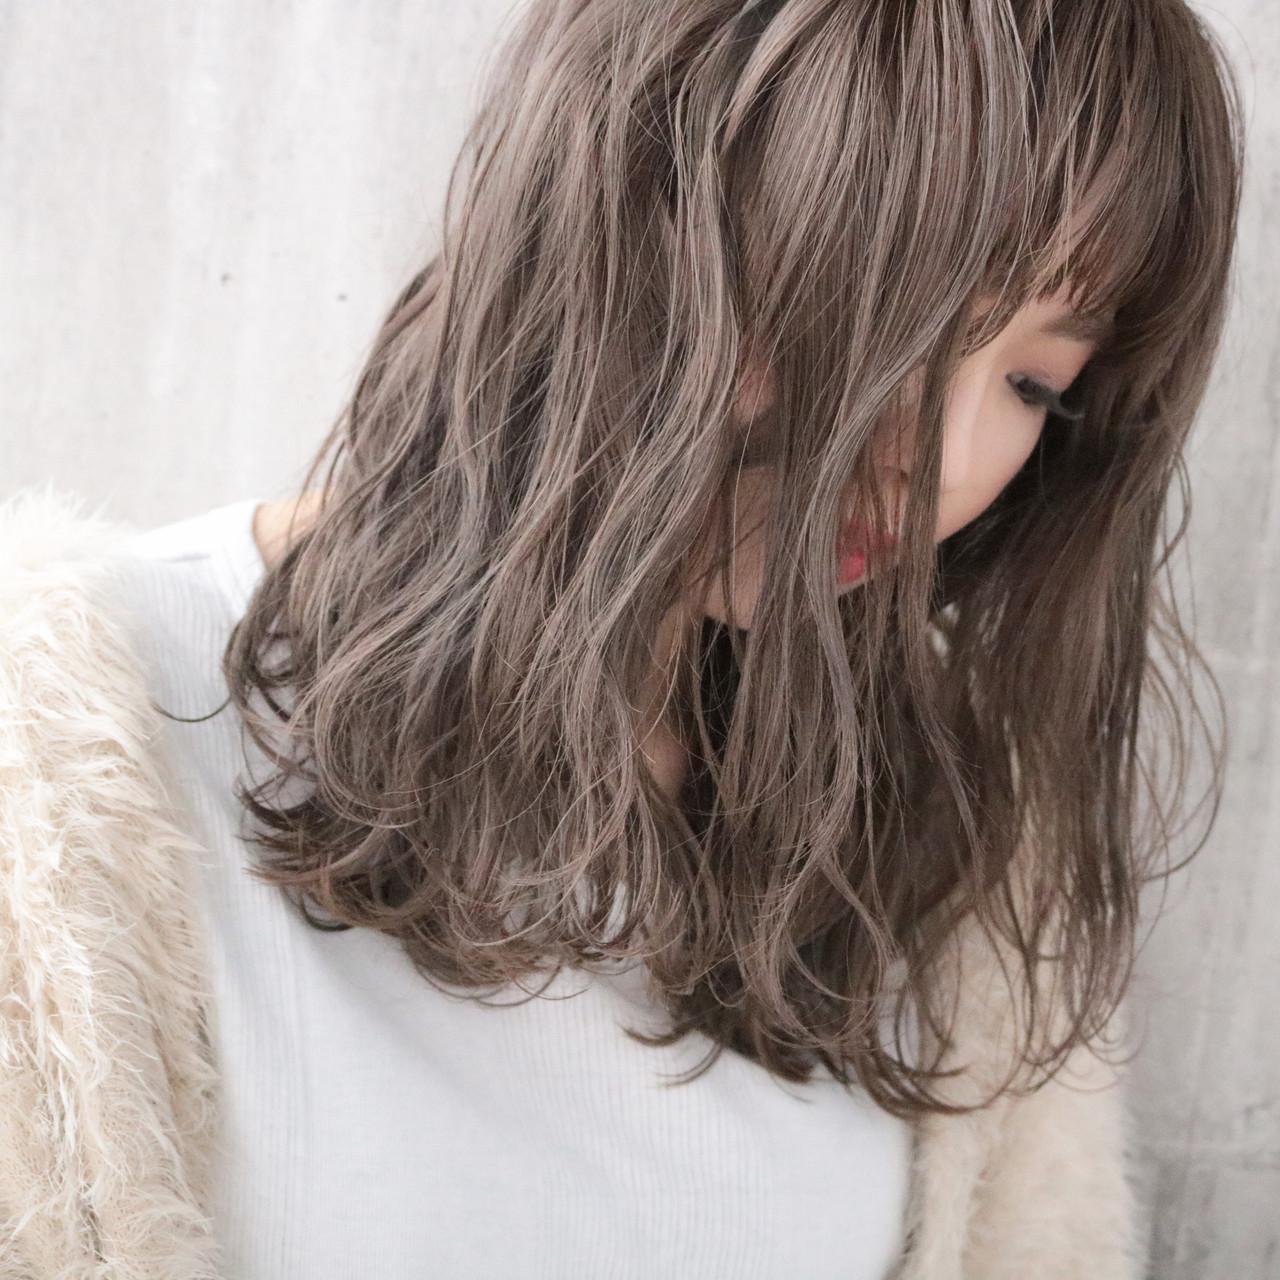 ミルクティーベージュ ナチュラル ナチュラルベージュ アンニュイほつれヘア ヘアスタイルや髪型の写真・画像